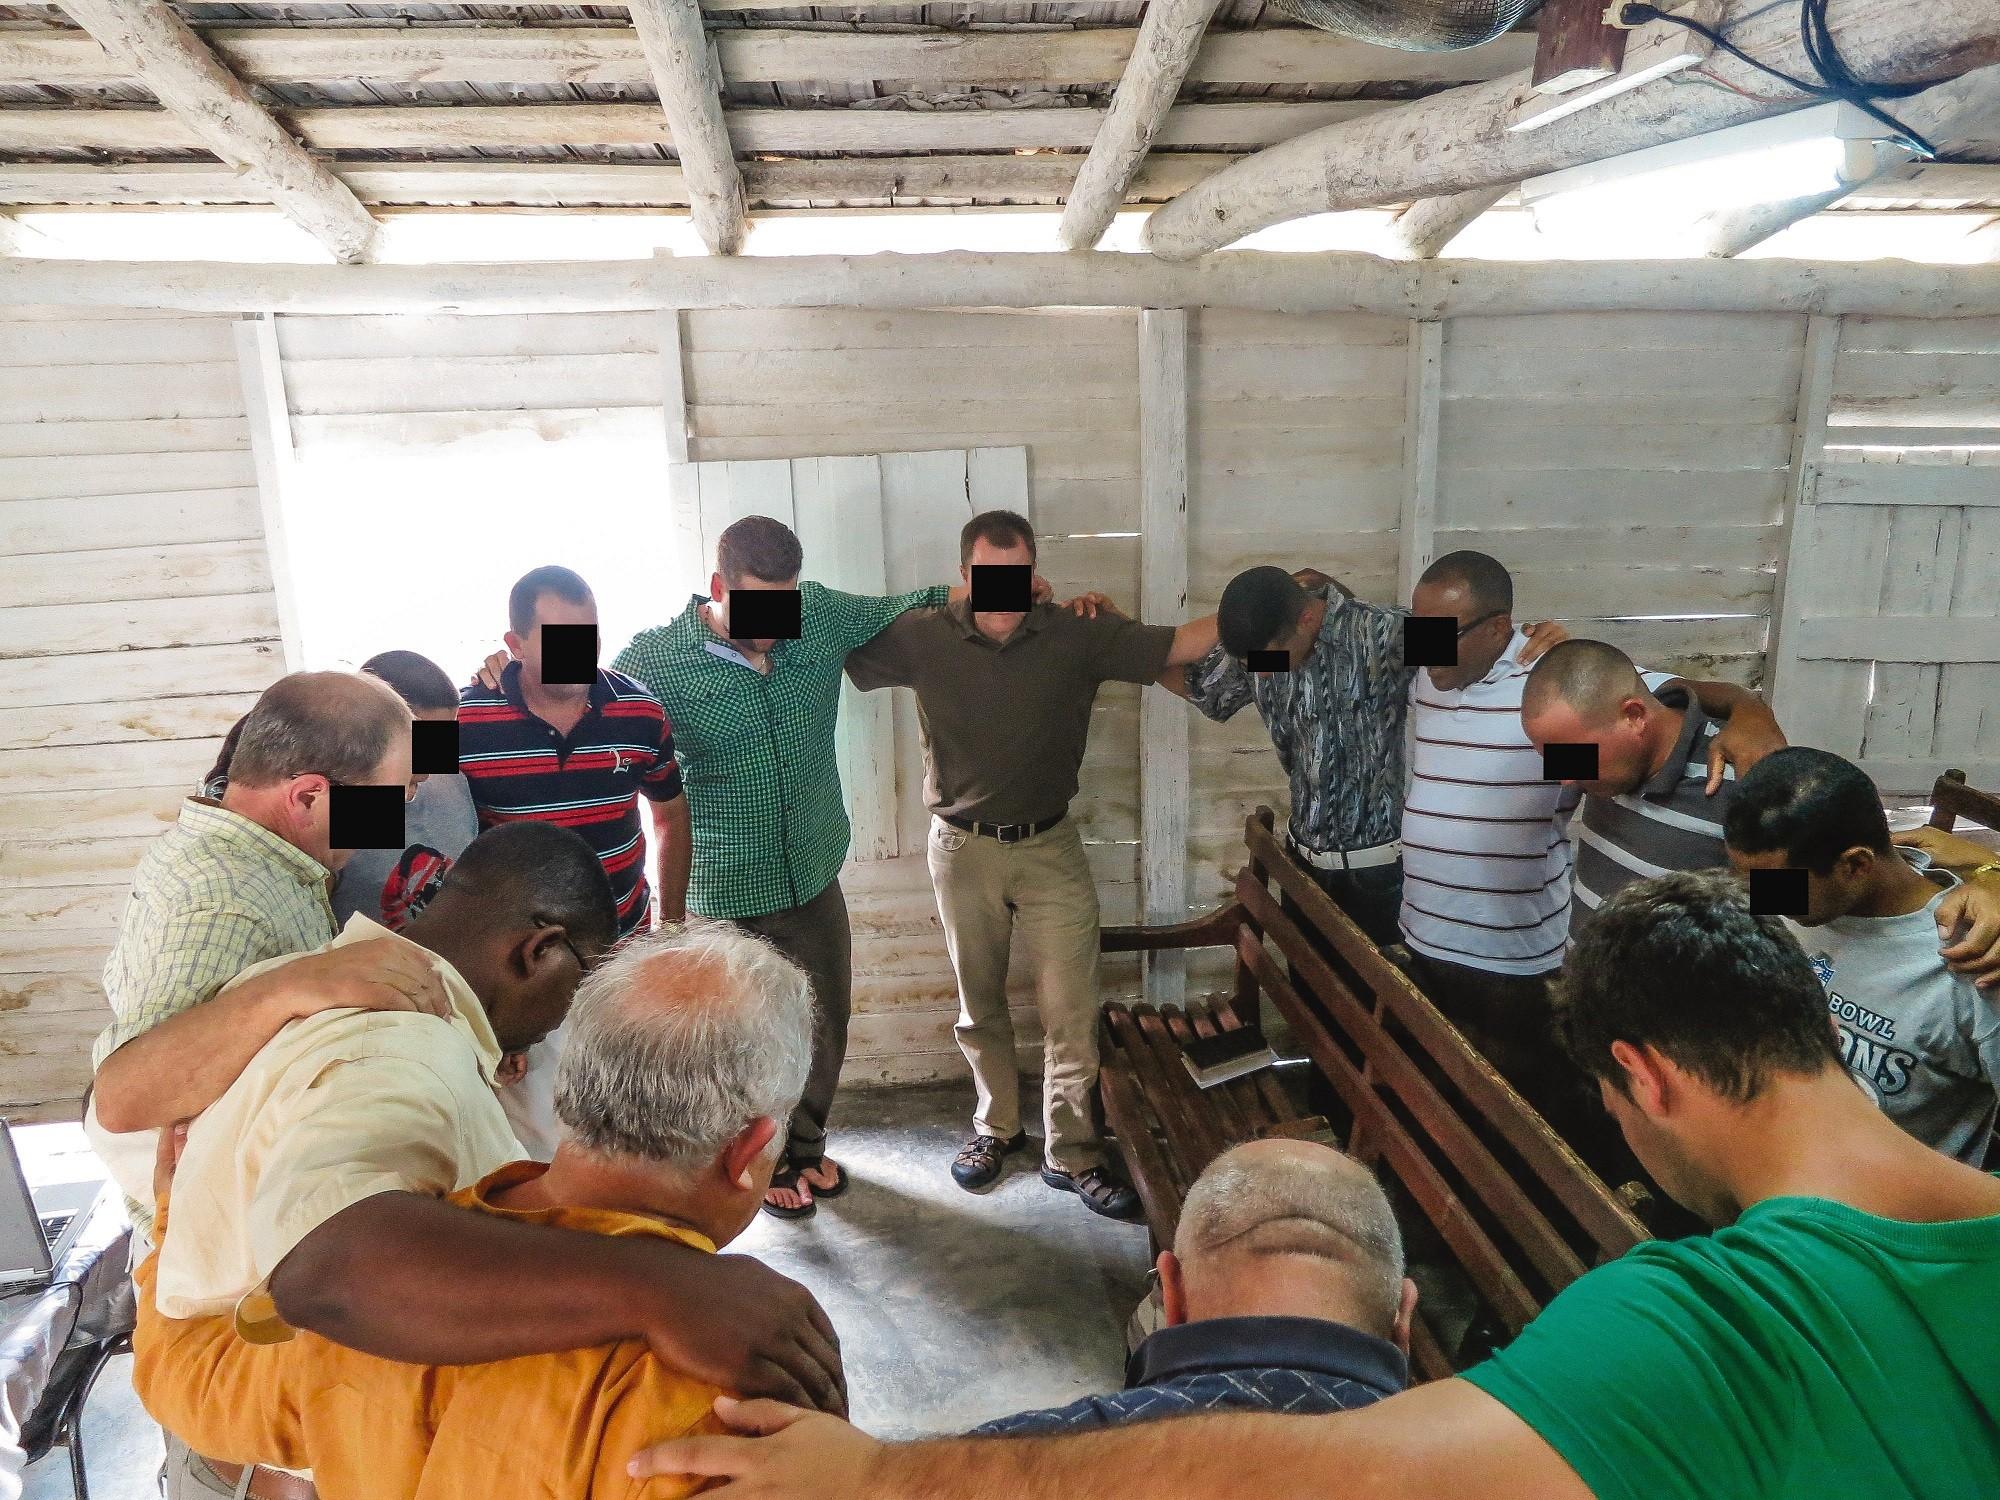 Marttyyrien Äänen tiimi tapasi kuubalaisen raamattuseminaarin johtajia ja opiskelijoita rohkaistakseen heitä.